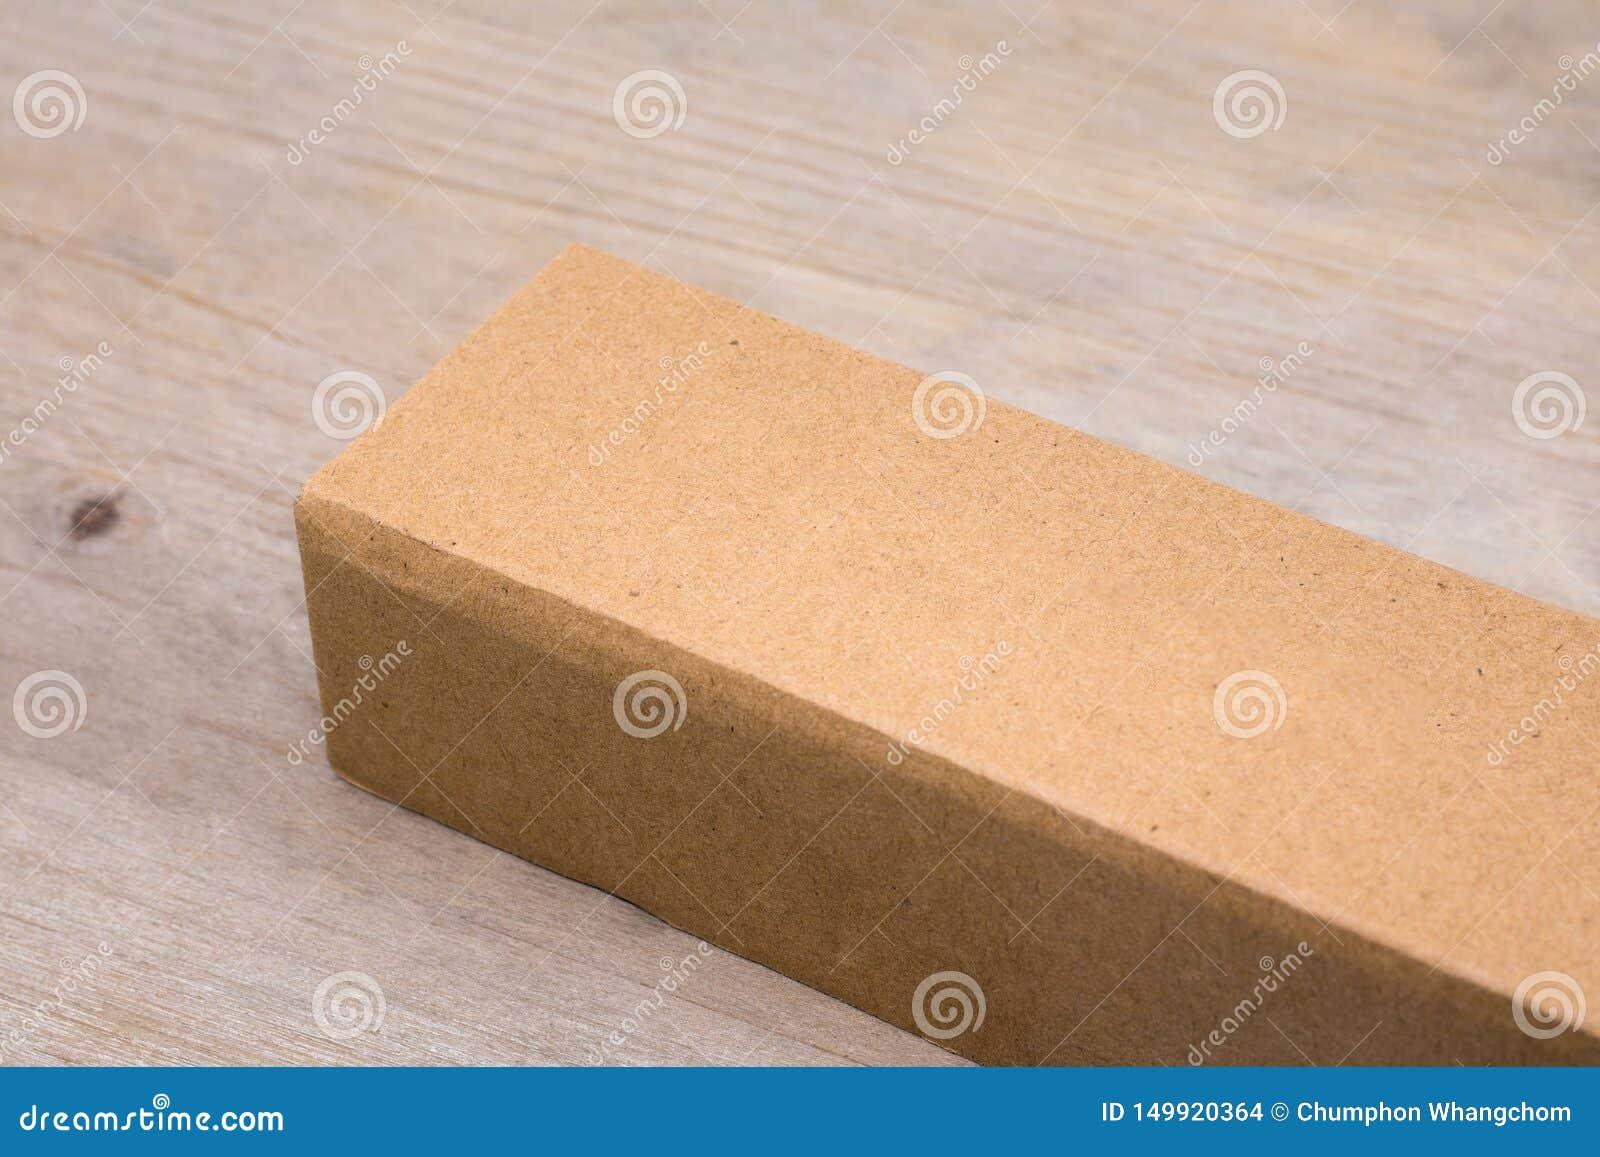 Caixa de cartão no fundo de madeira da tabela Molde da caixa longa para seu projeto Empacotamento reciclado do produto